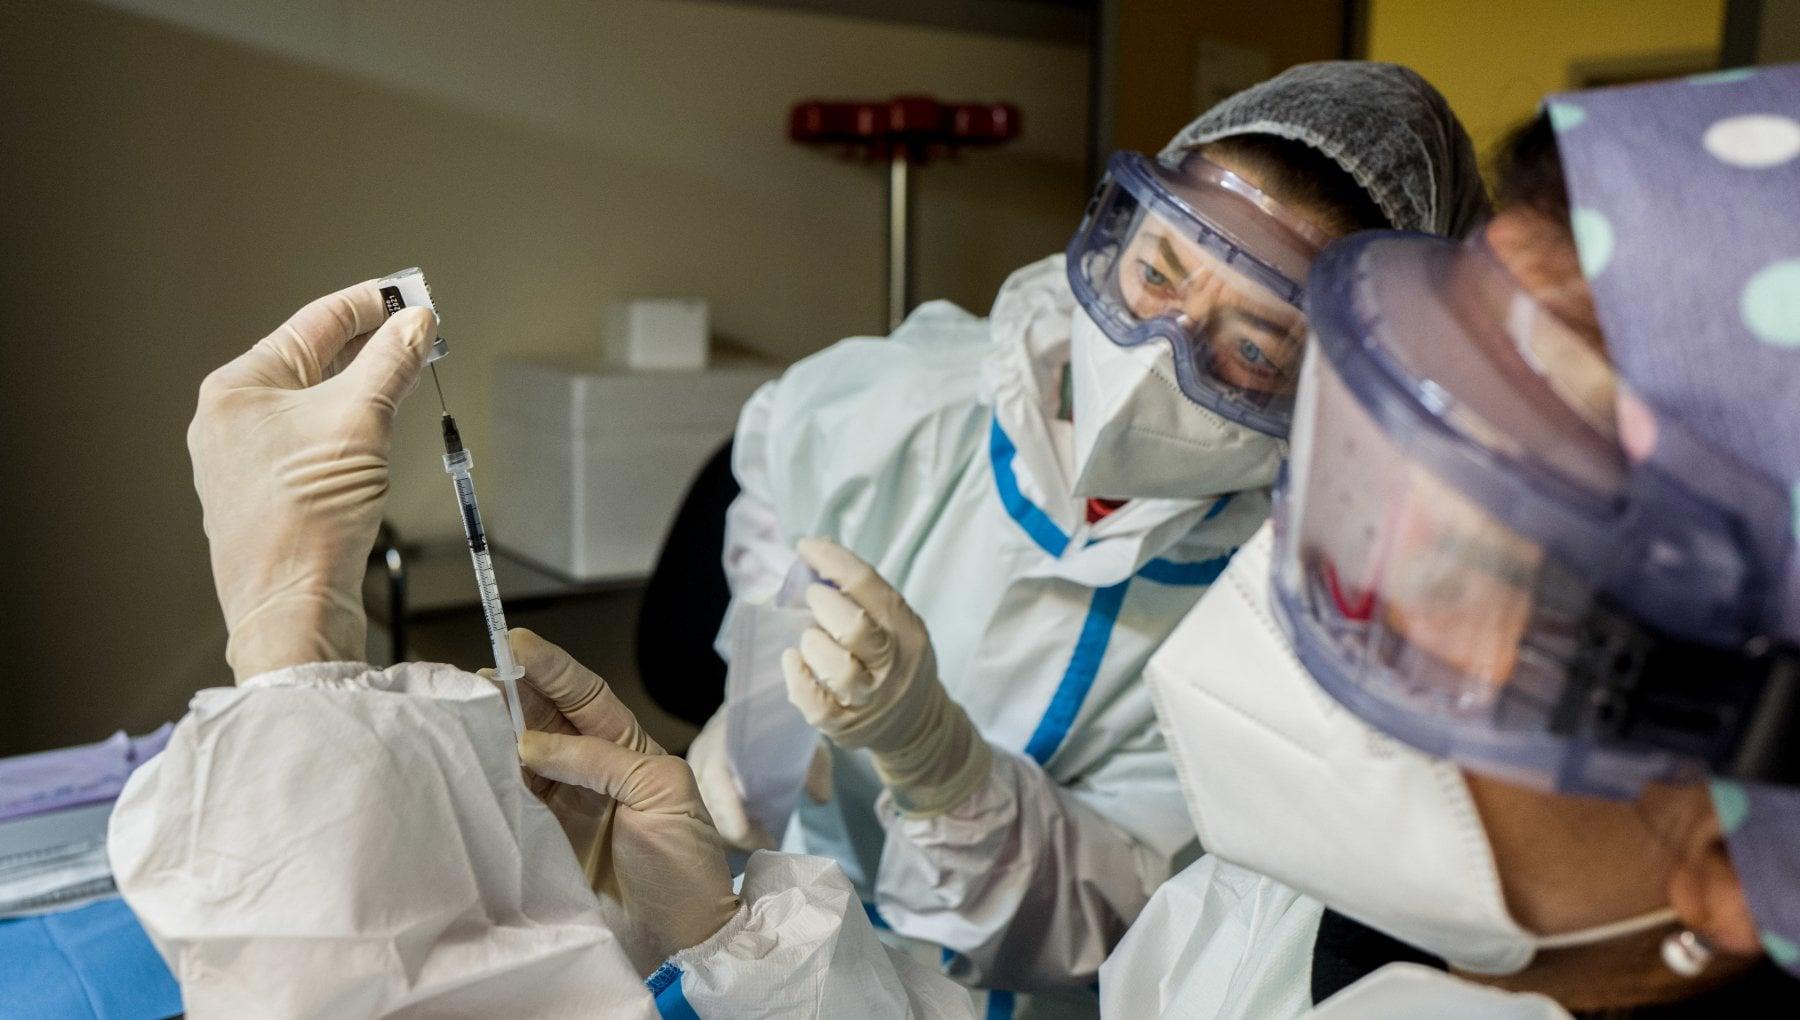 Campagna di massa dei vaccini le prenotazioni si faranno con app sms telefonate e avvisi postali